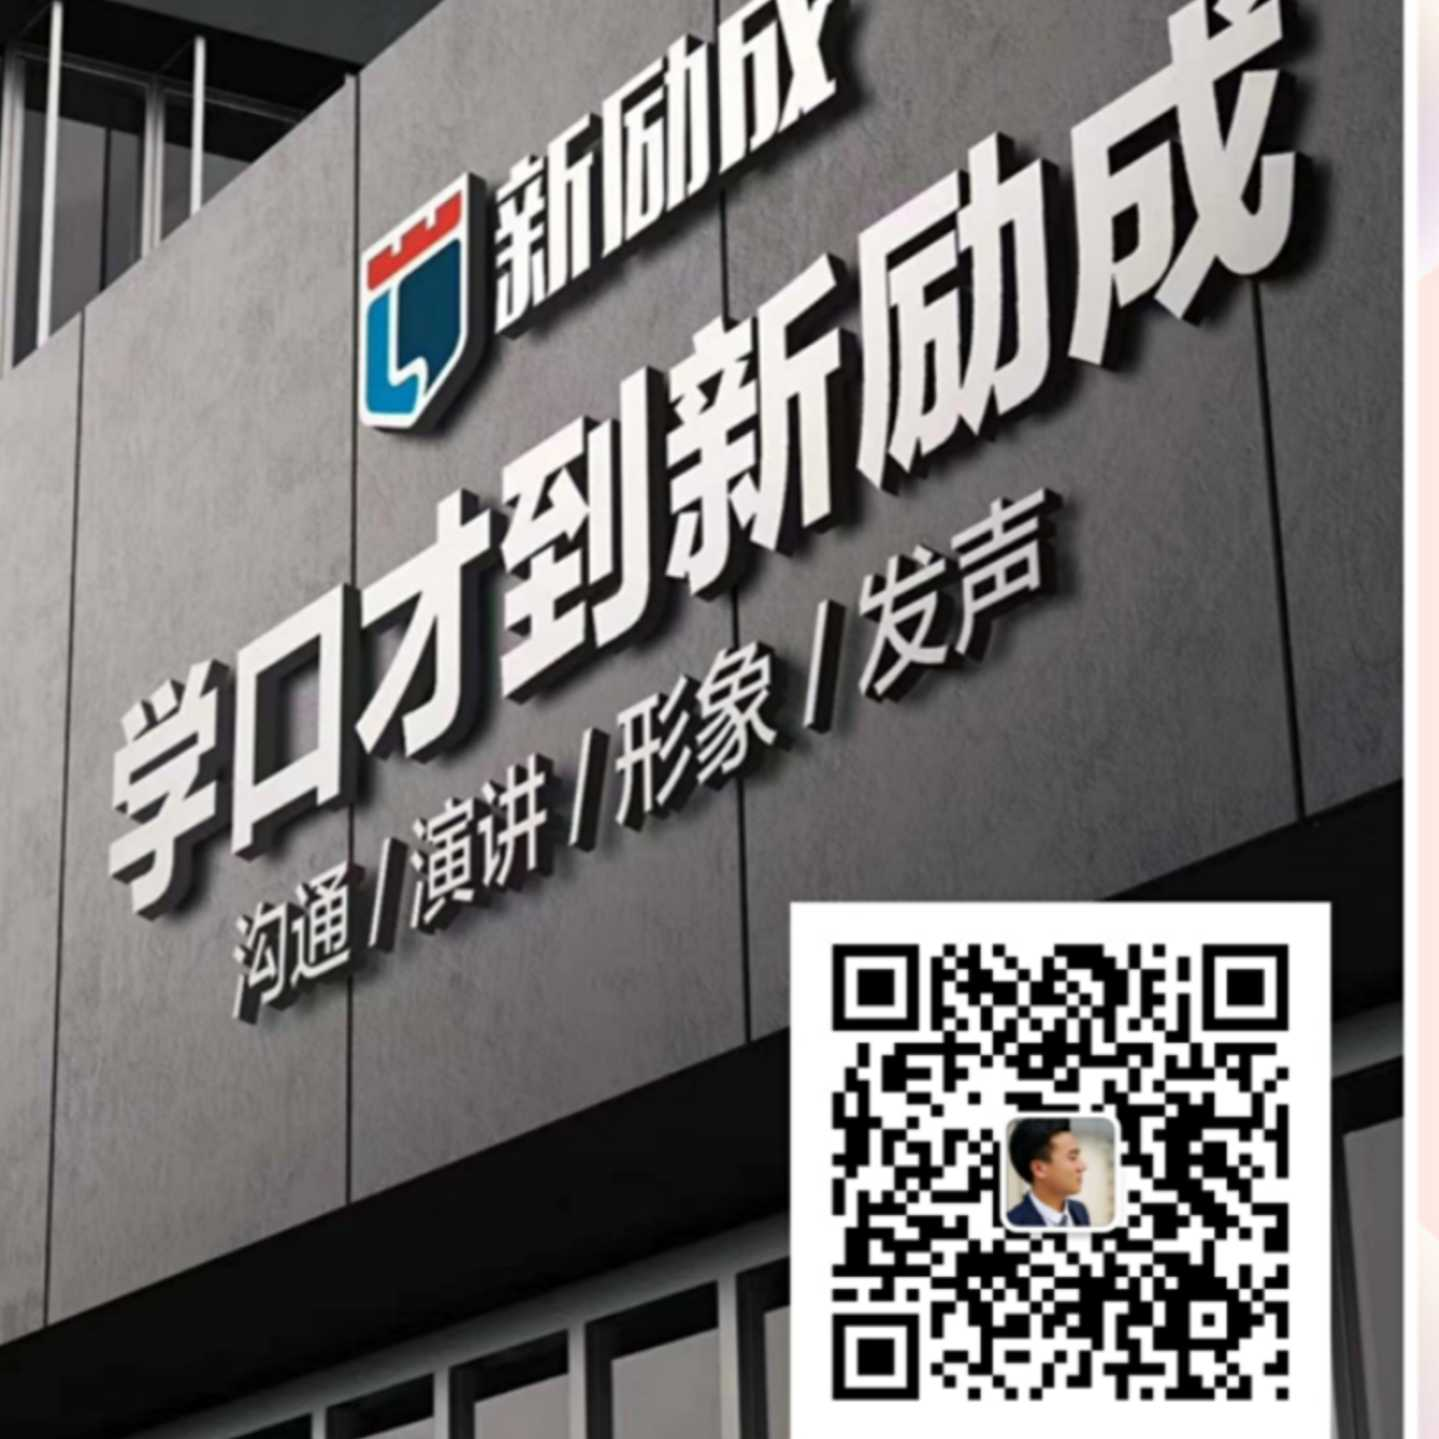 广东新励成教育科技股份有限公司,成立于2005年1